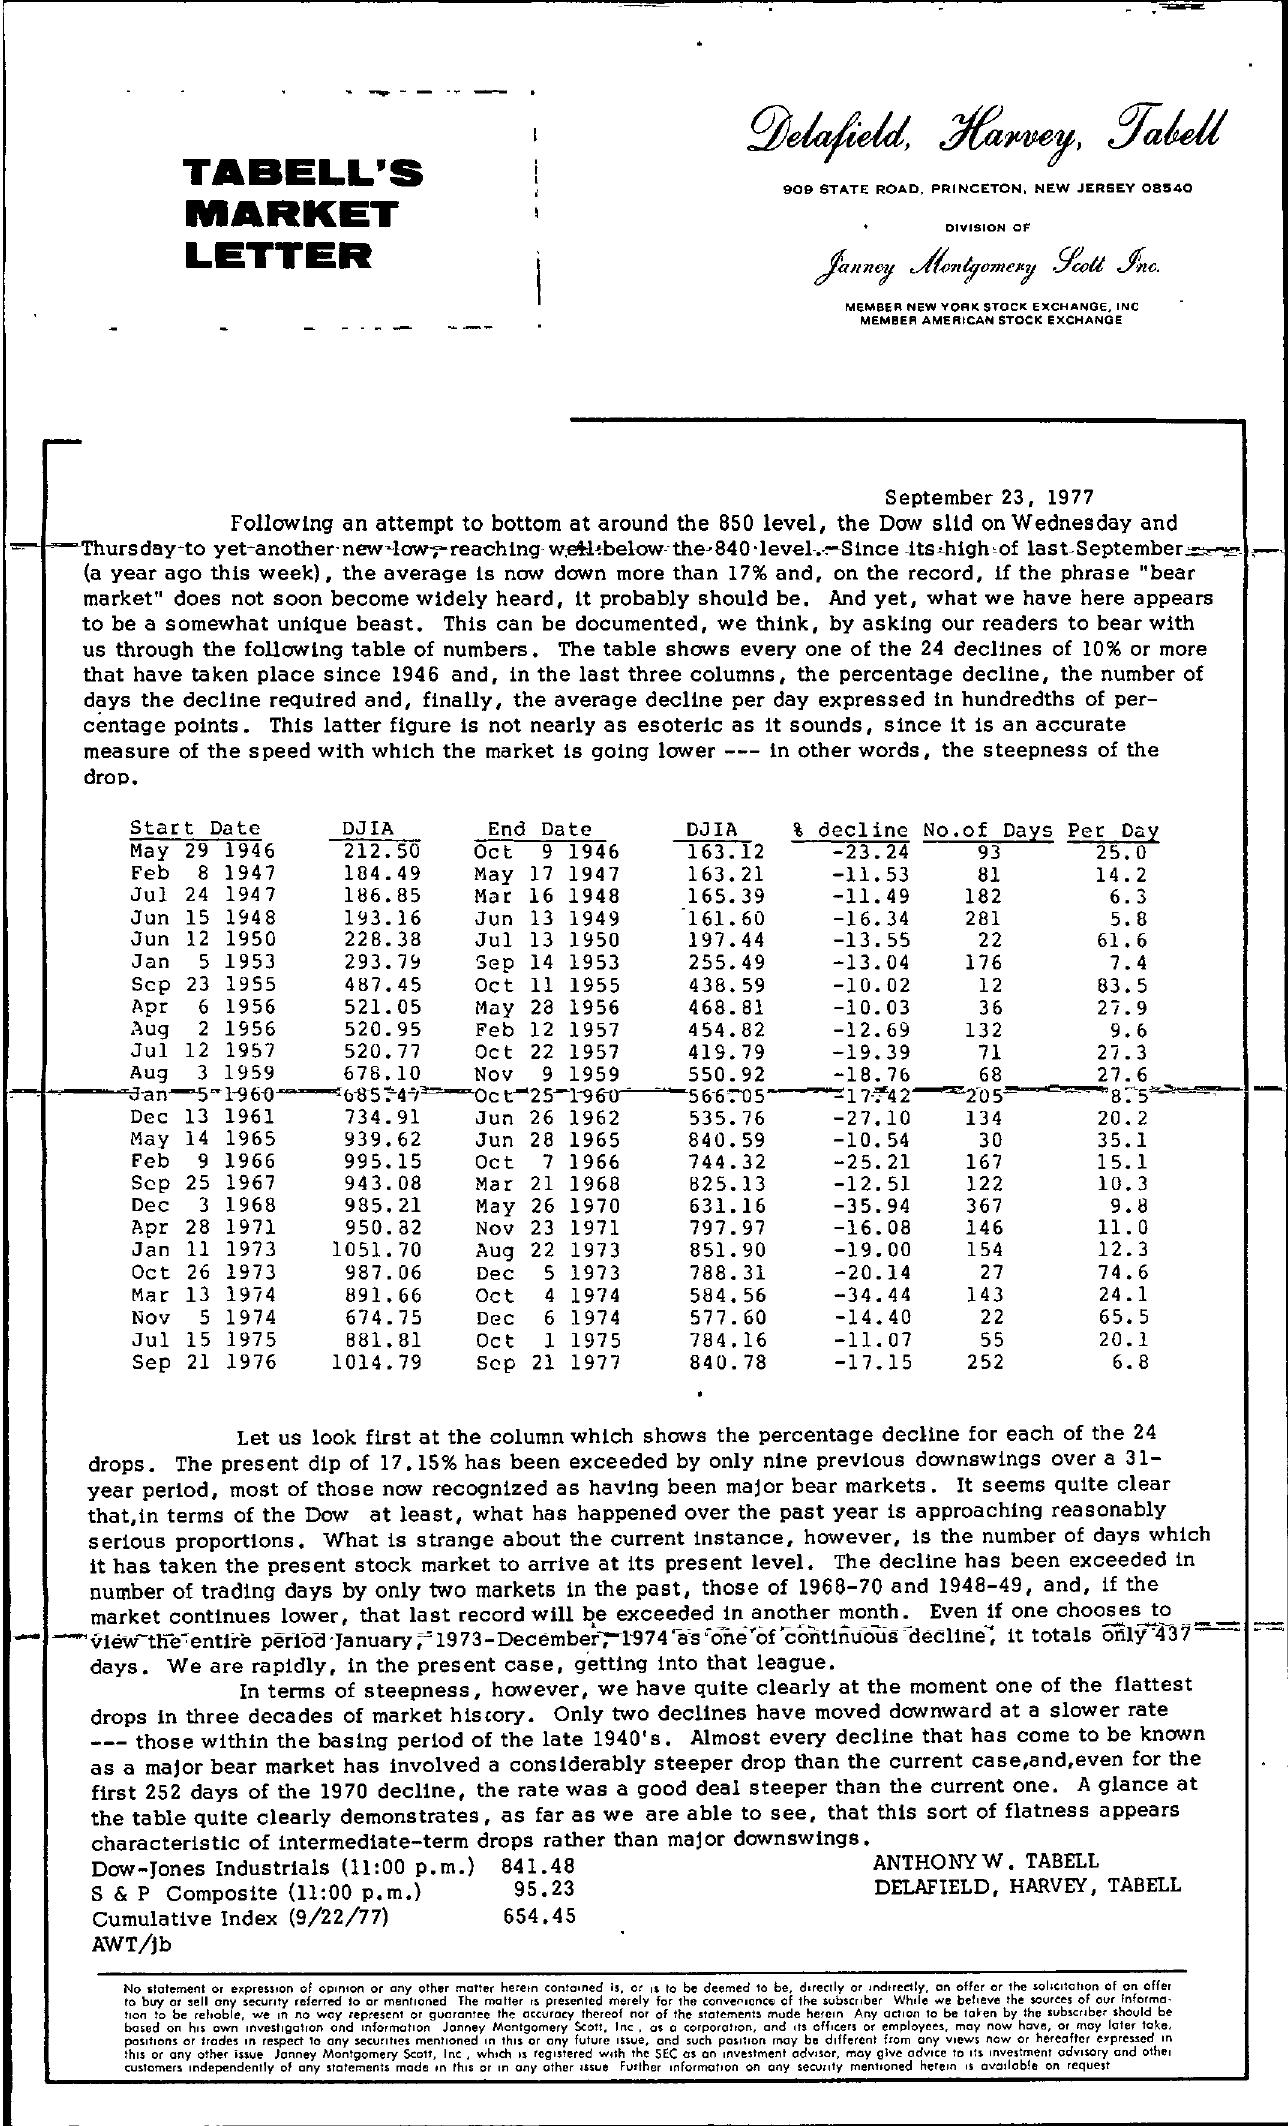 Tabell's Market Letter - September 23, 1977